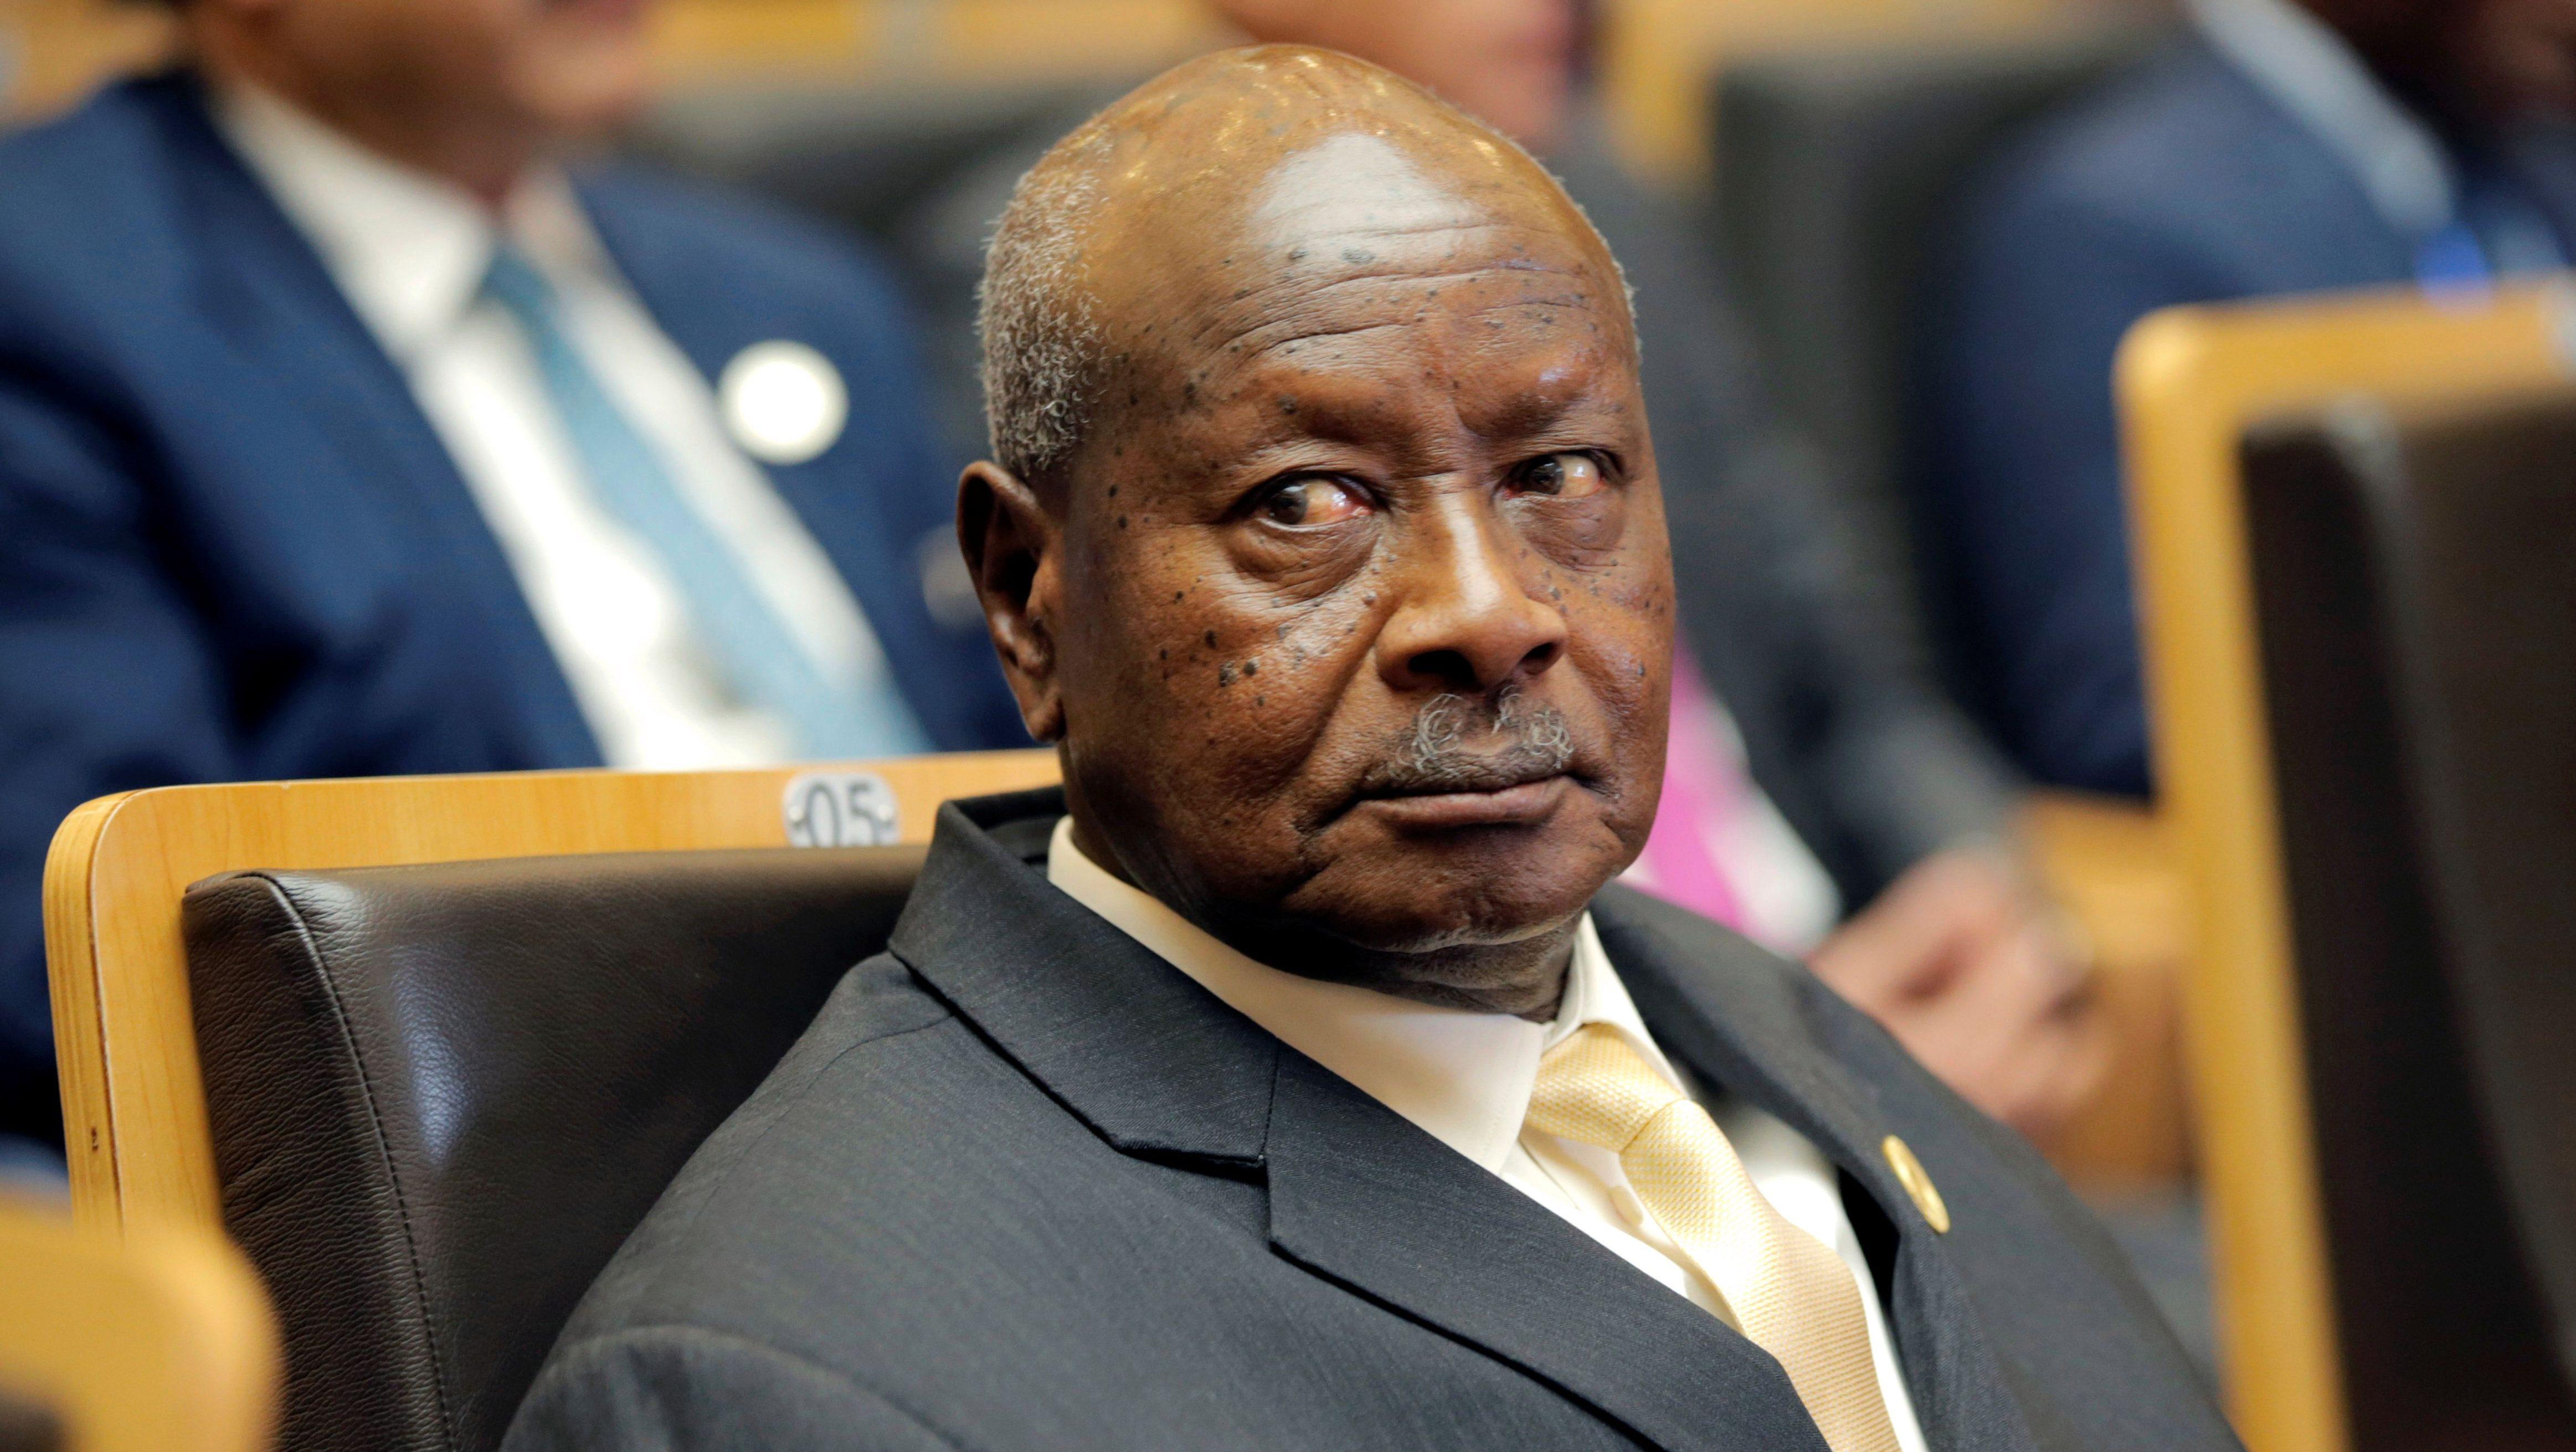 Uganda court to review 2016 election internet shutdowns — Quartz Africa